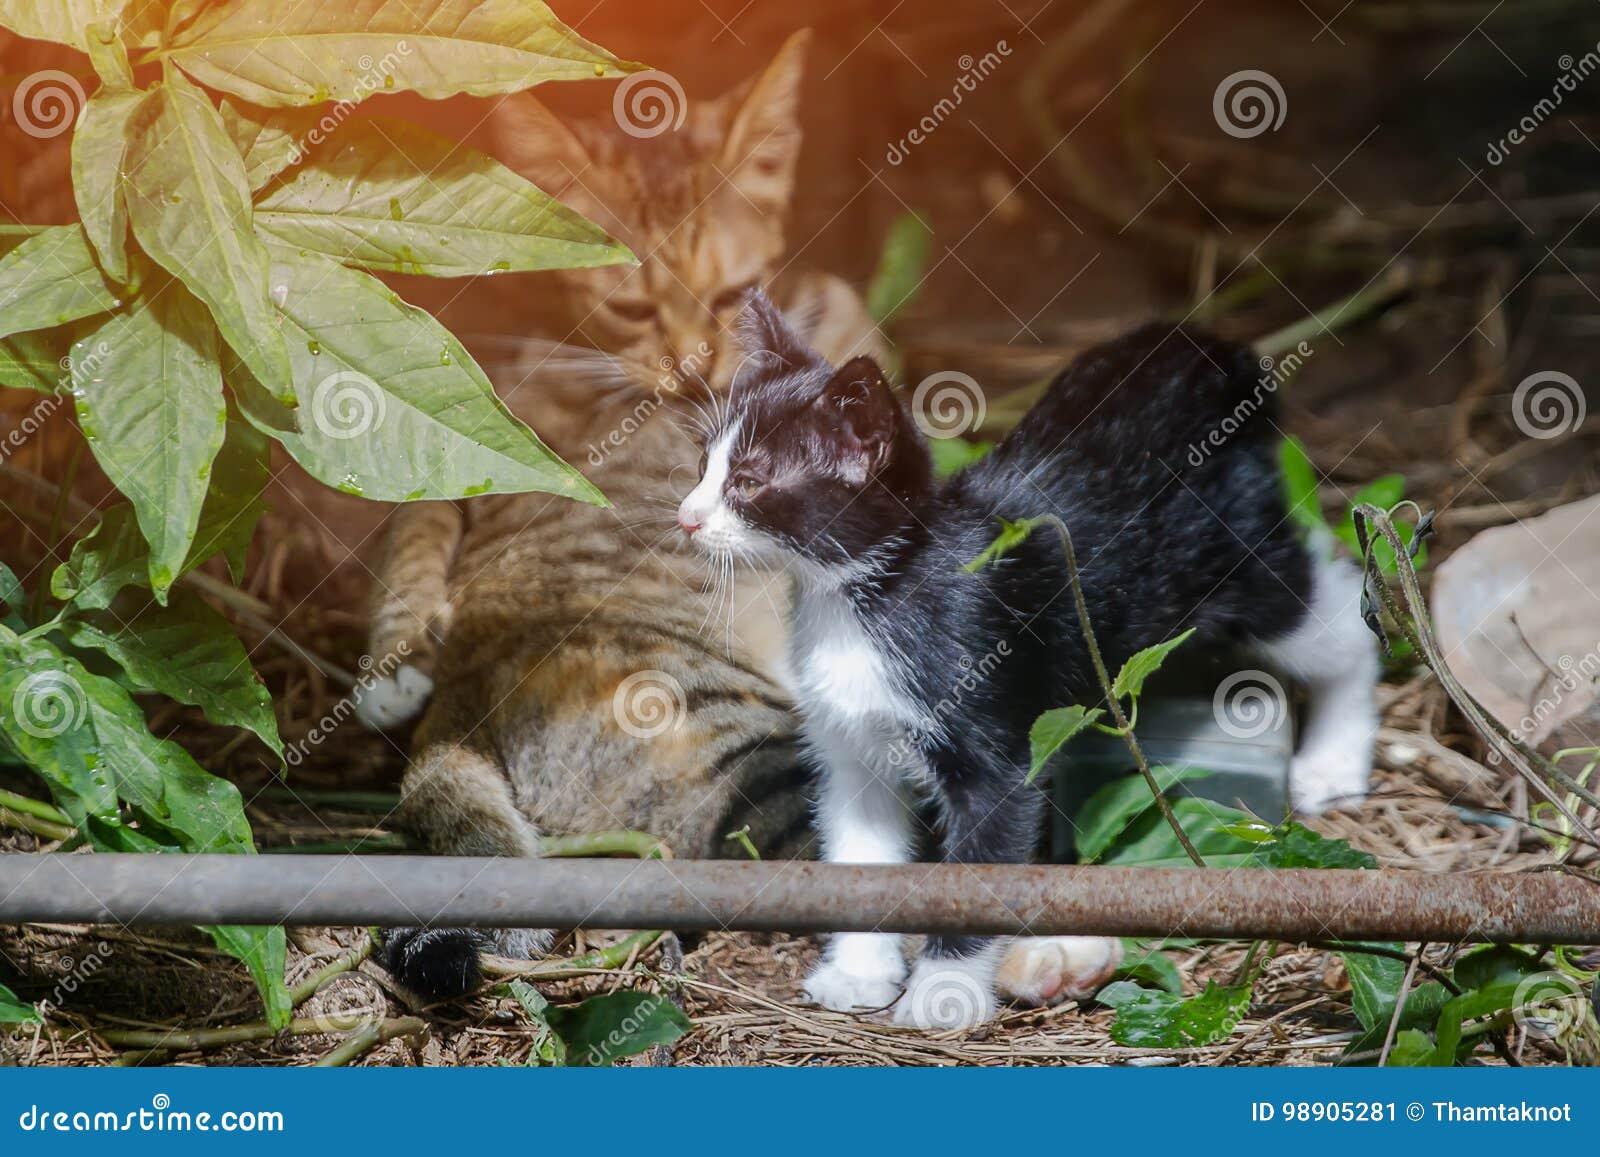 Moderkatten som slickar rengöringsmedlet själv och, håller ögonen på spela för kattungar som är styggt